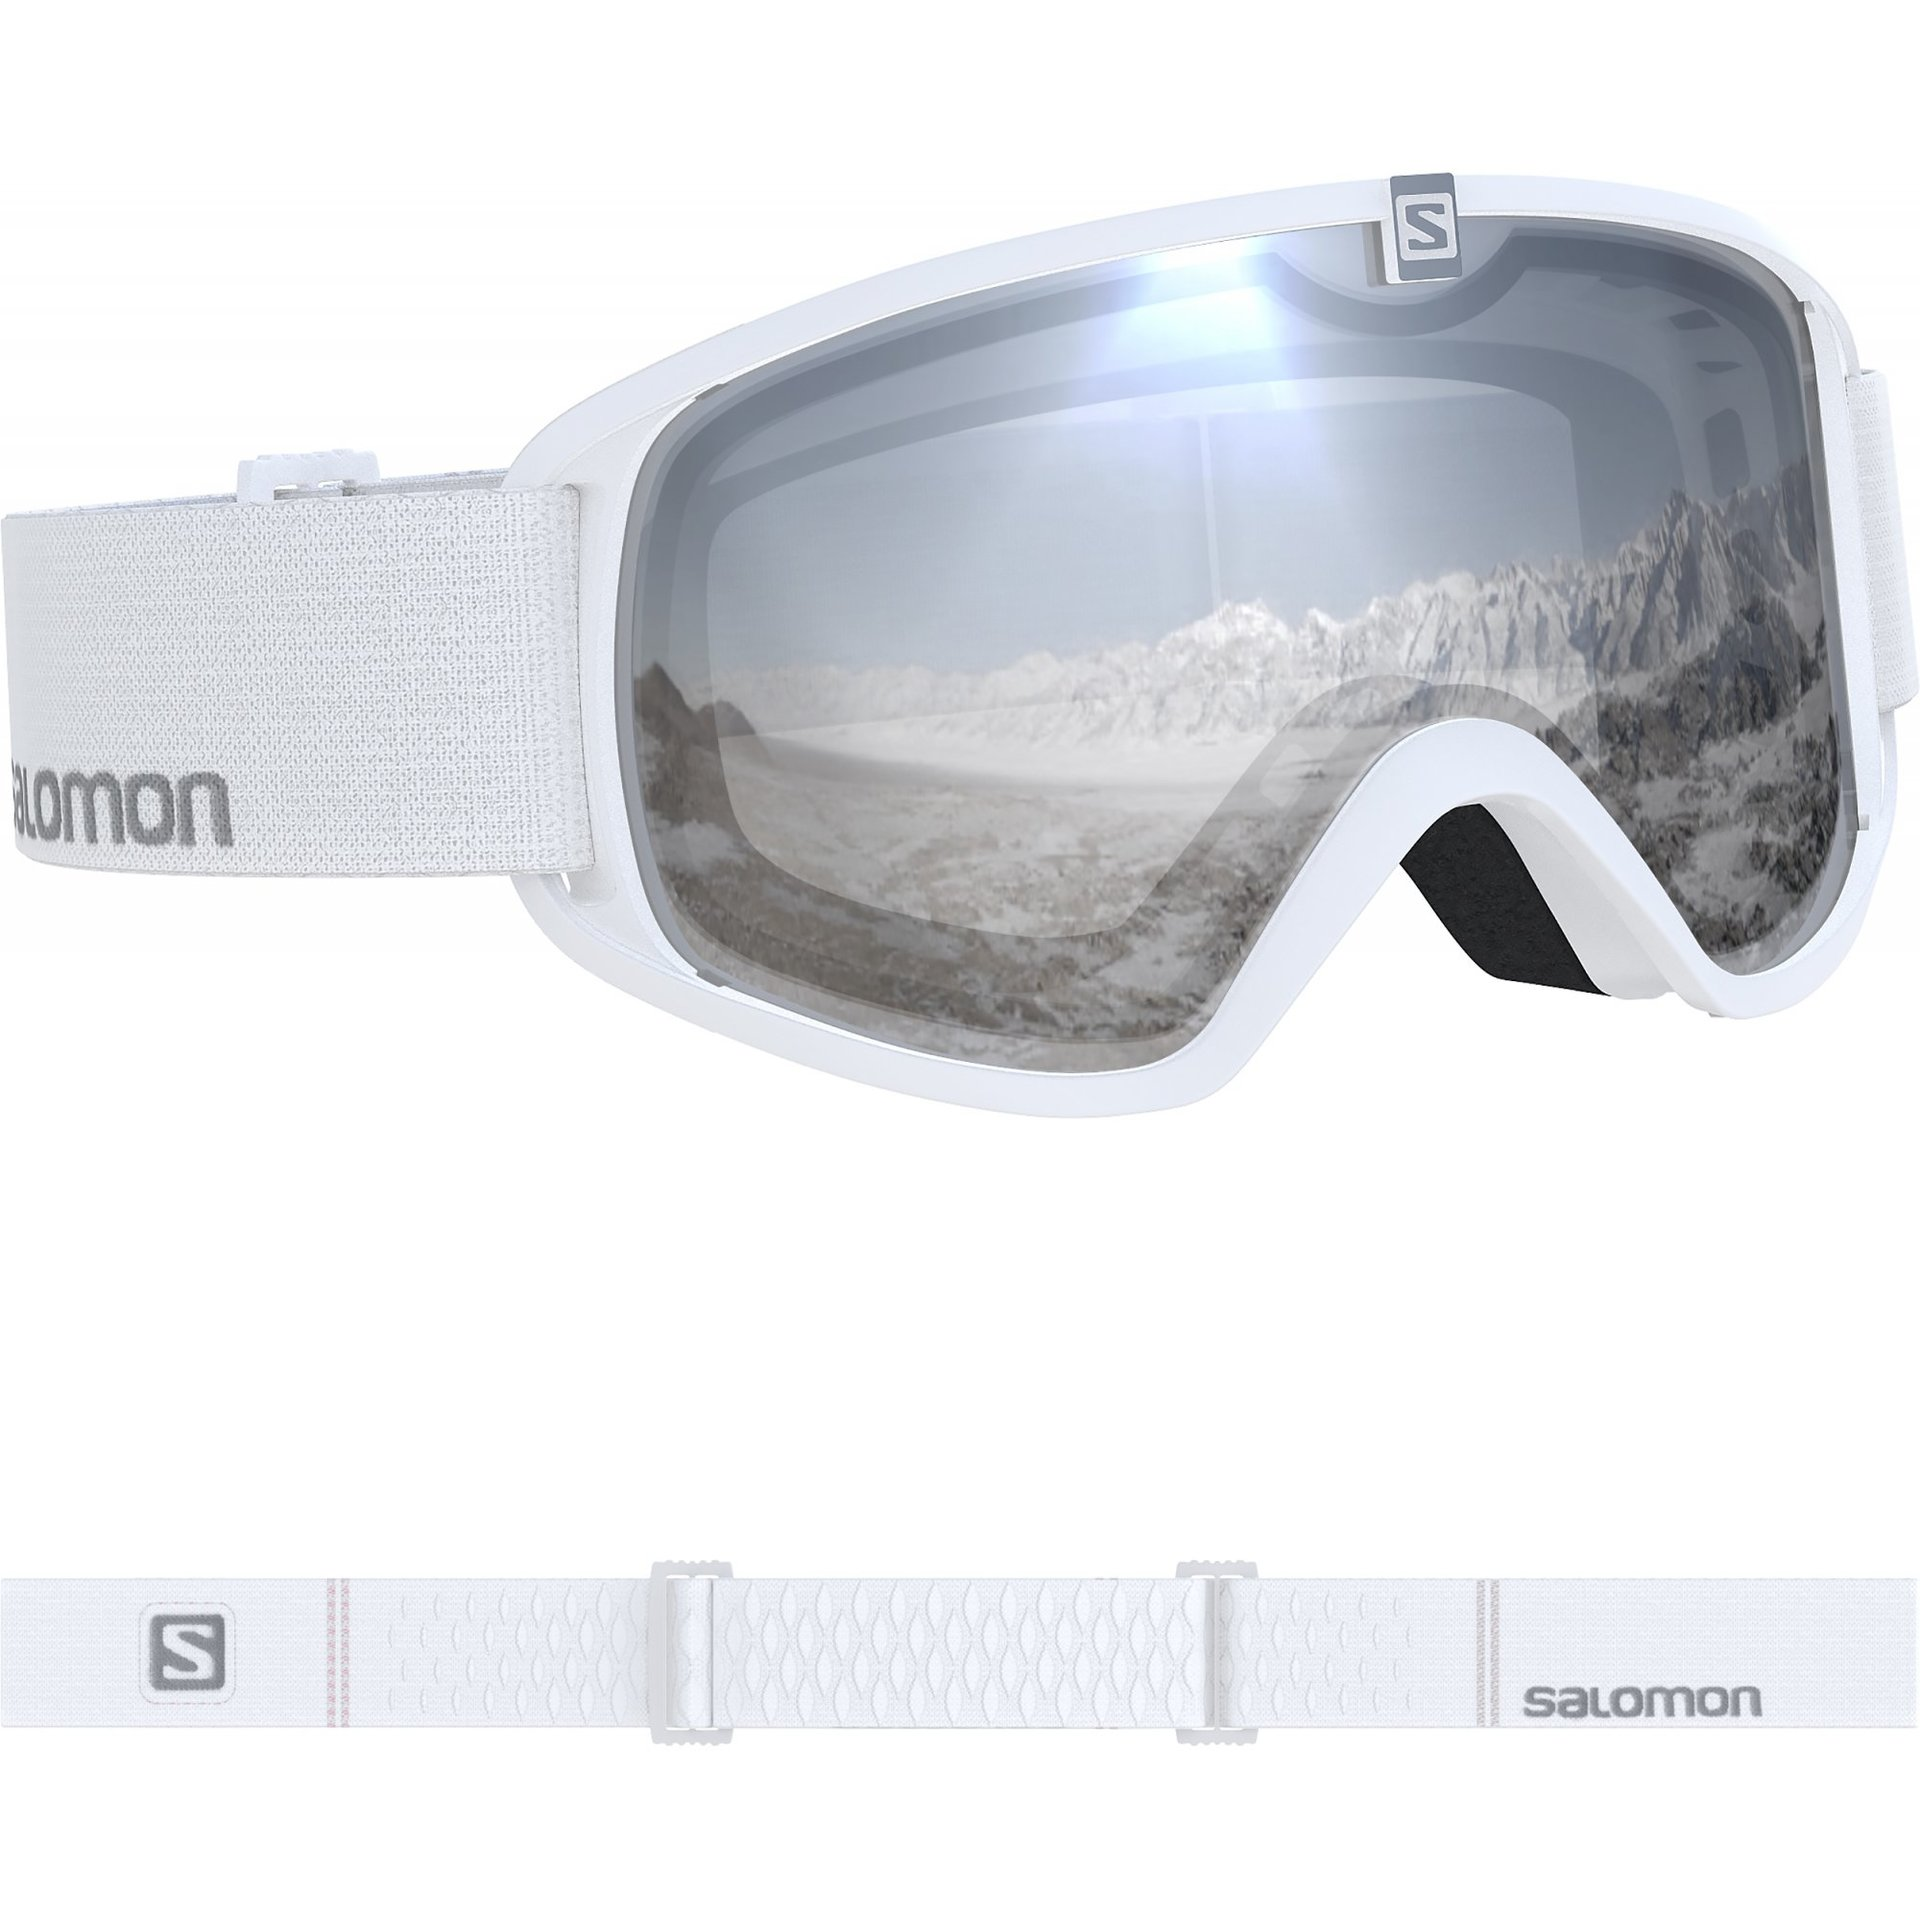 GOGLE SALOMON TRIGGER WHITE|SUPER WHITE L405181